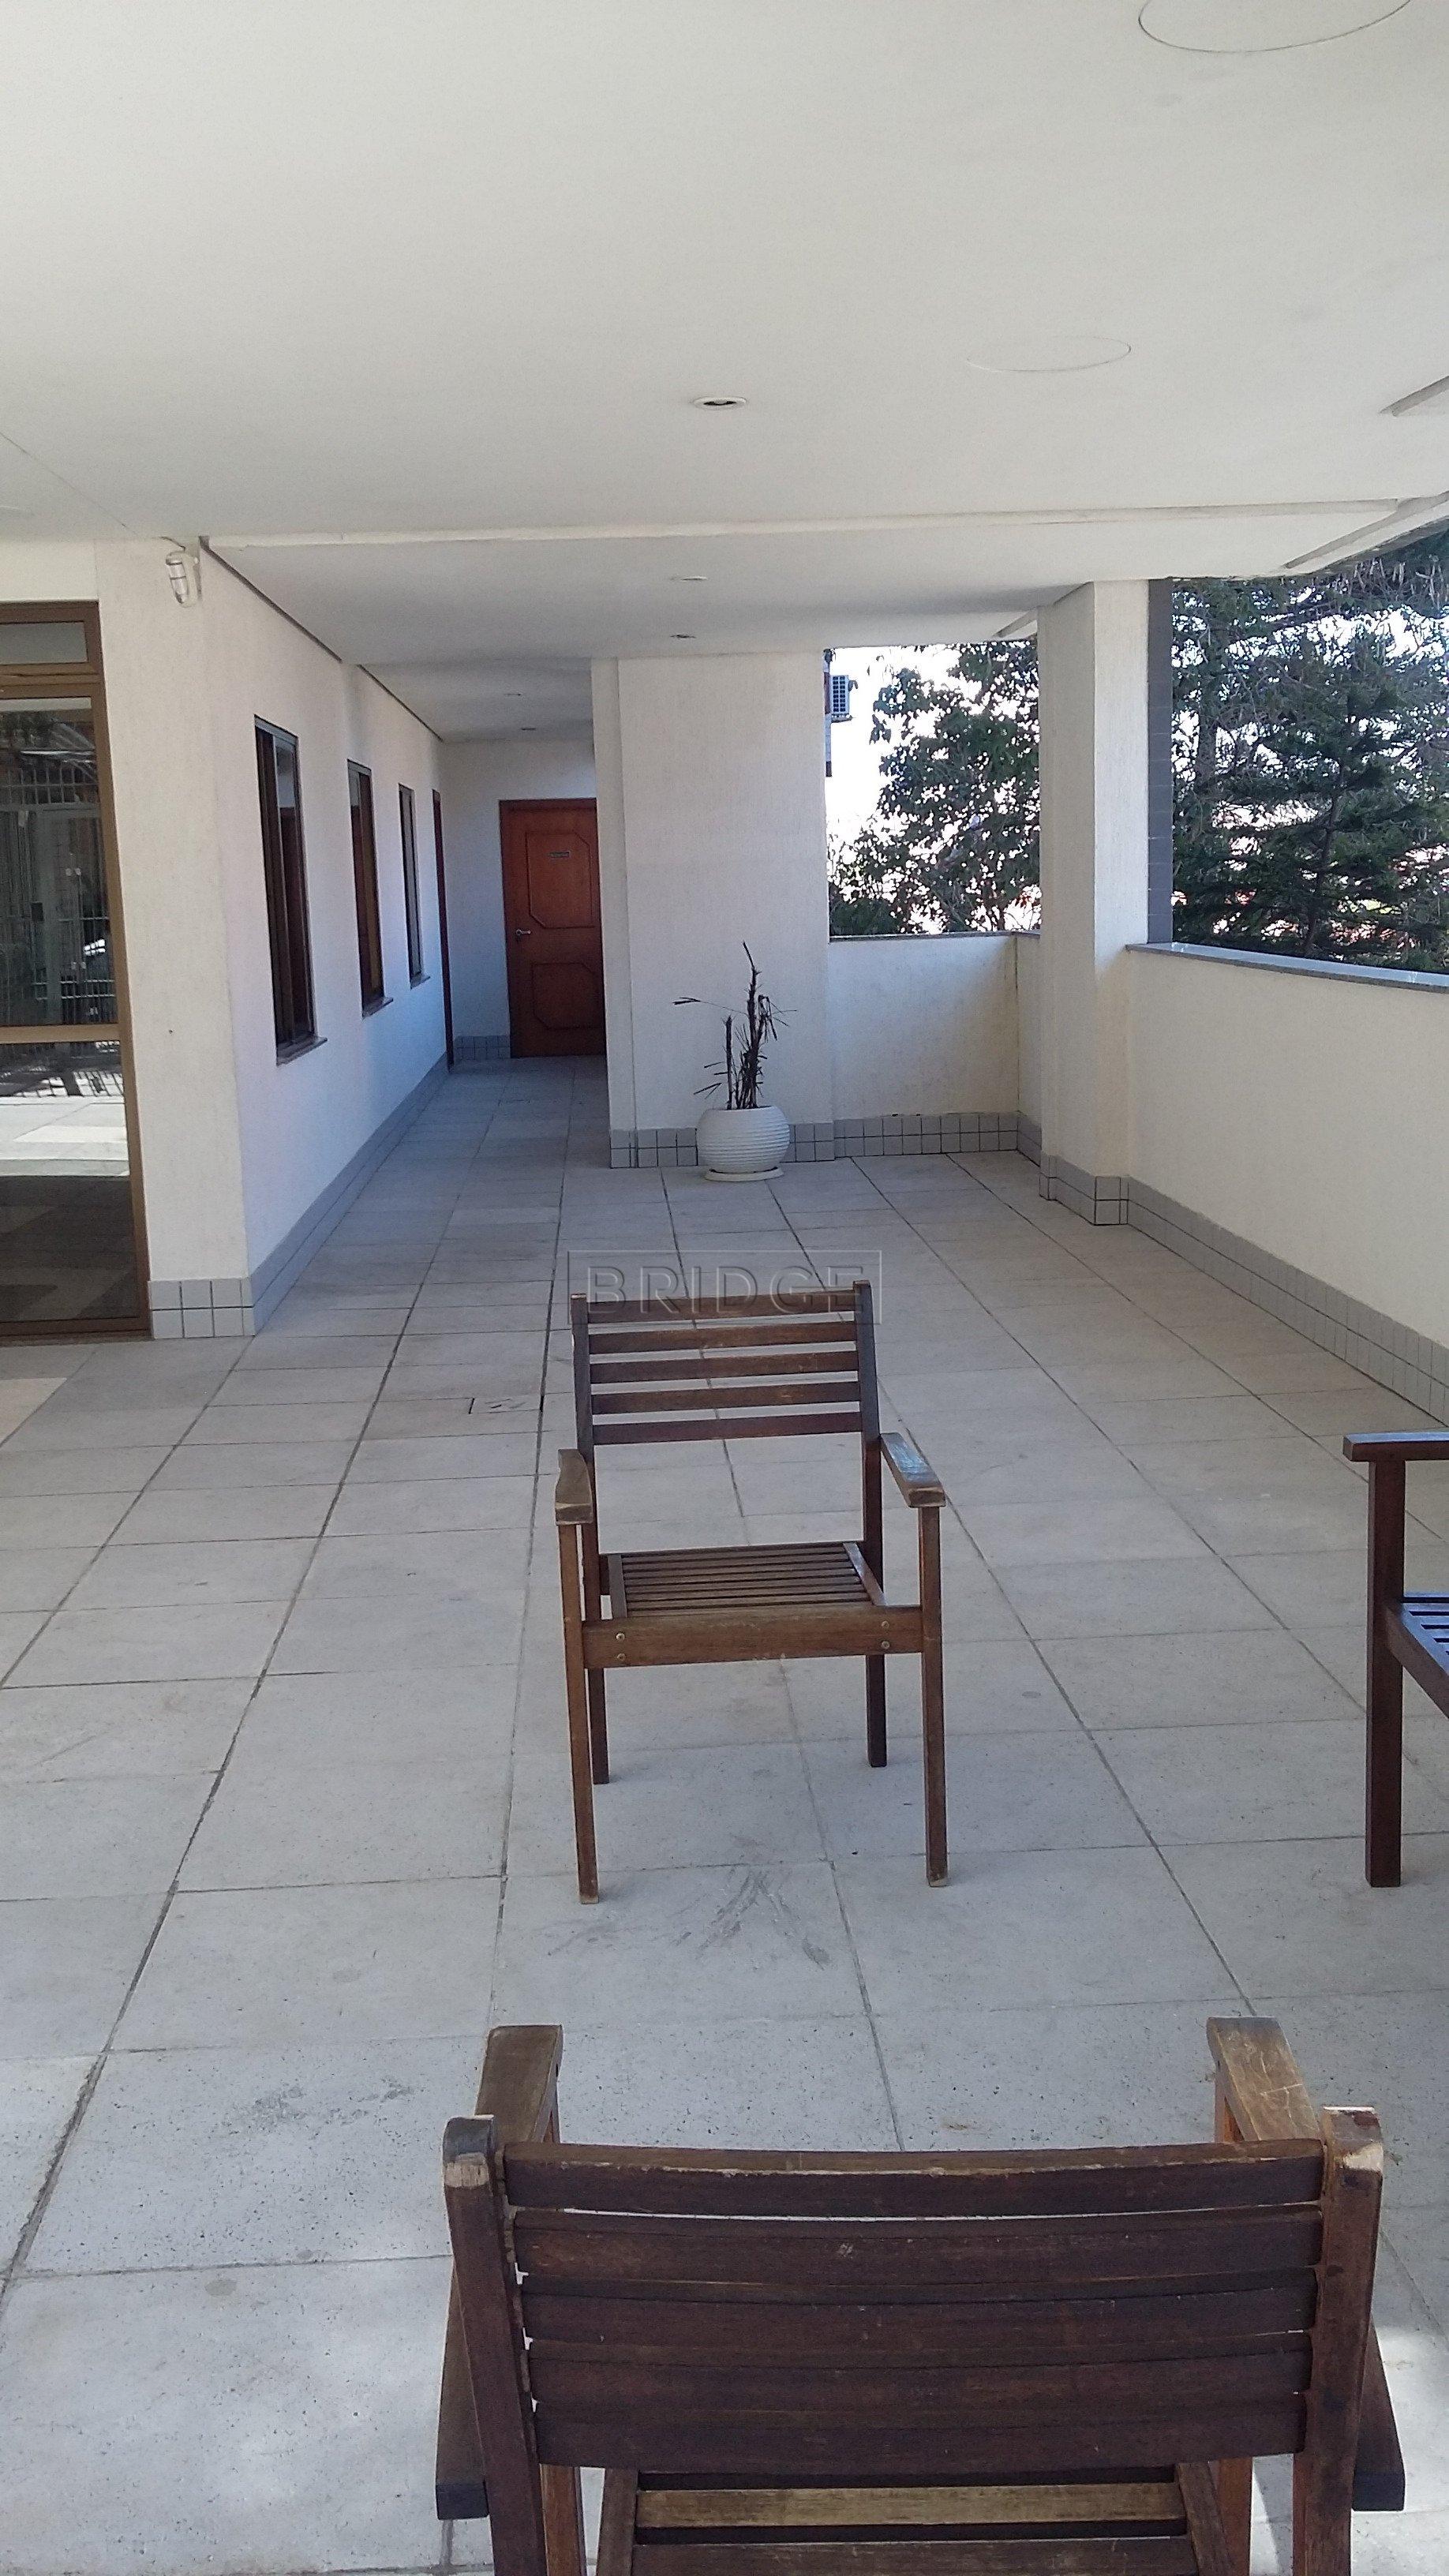 Apartamento com 3 Dormitórios 1 Suíte e 2 Vagas de Garagem à venda  #4E5B6F 1836x3264 Banheiro Acessível Dimensões